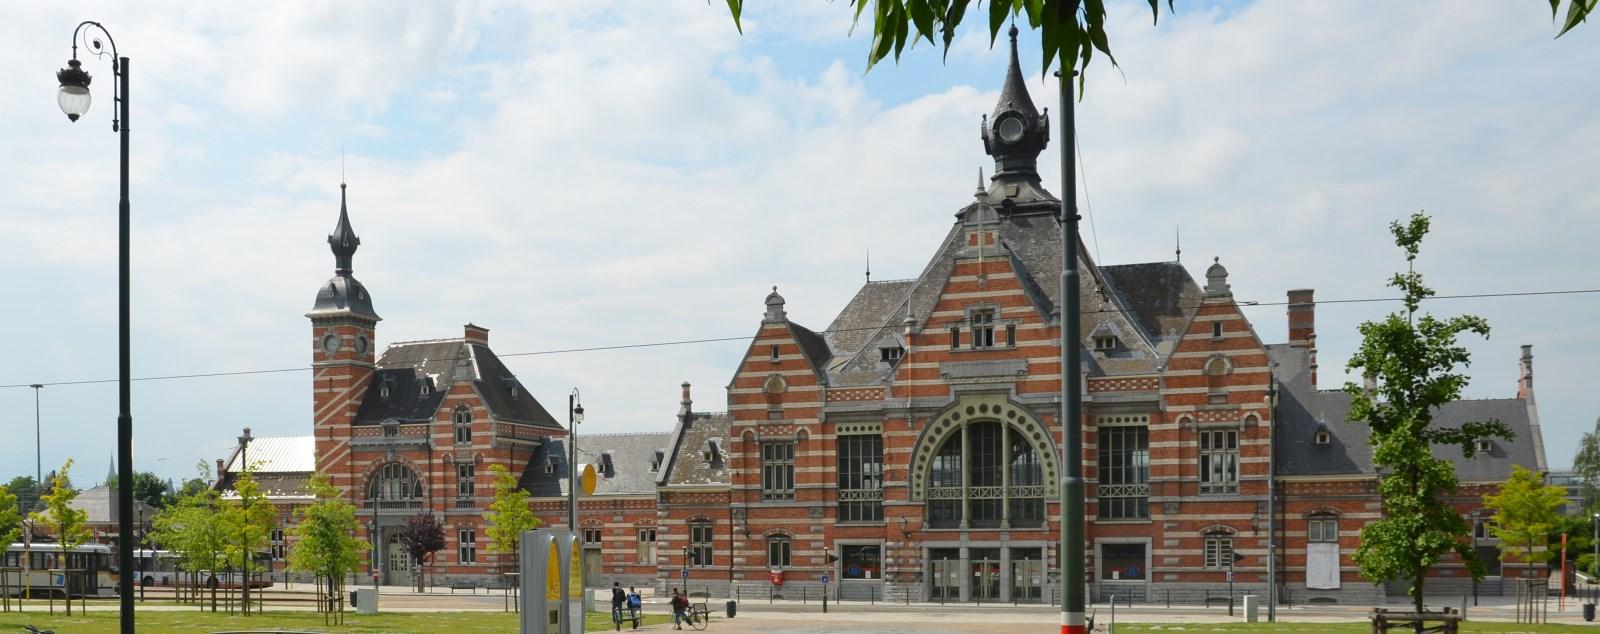 Gare de Schaerbeek, 2012